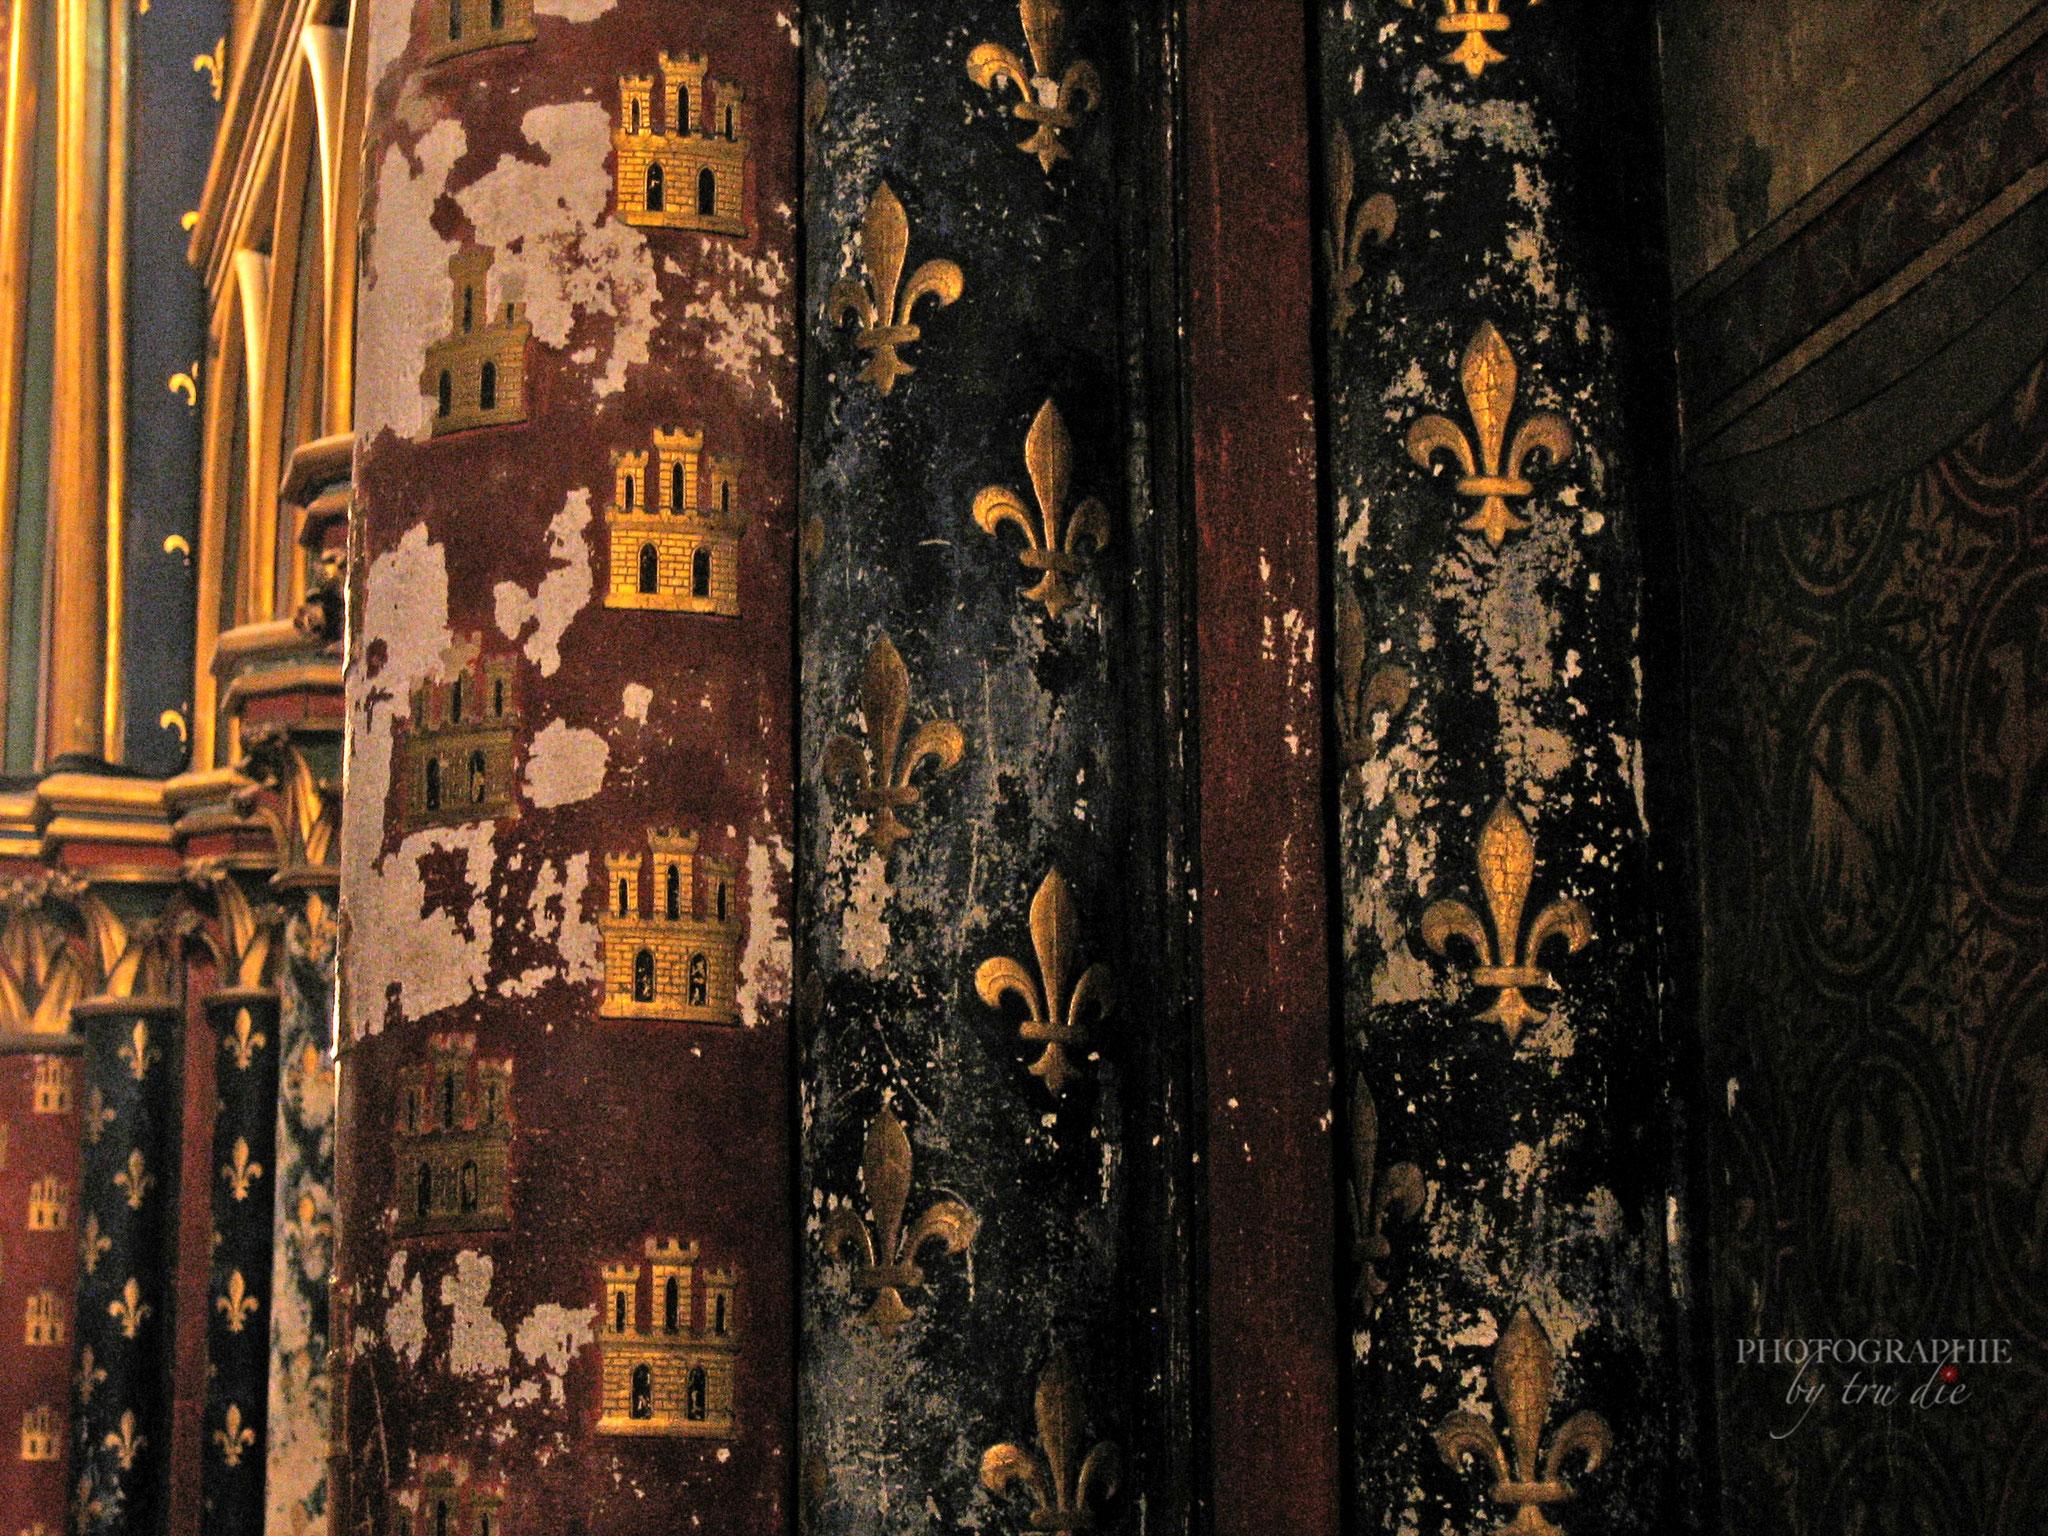 Bild: Unterkirche von Sainte-Chapelle in Paris